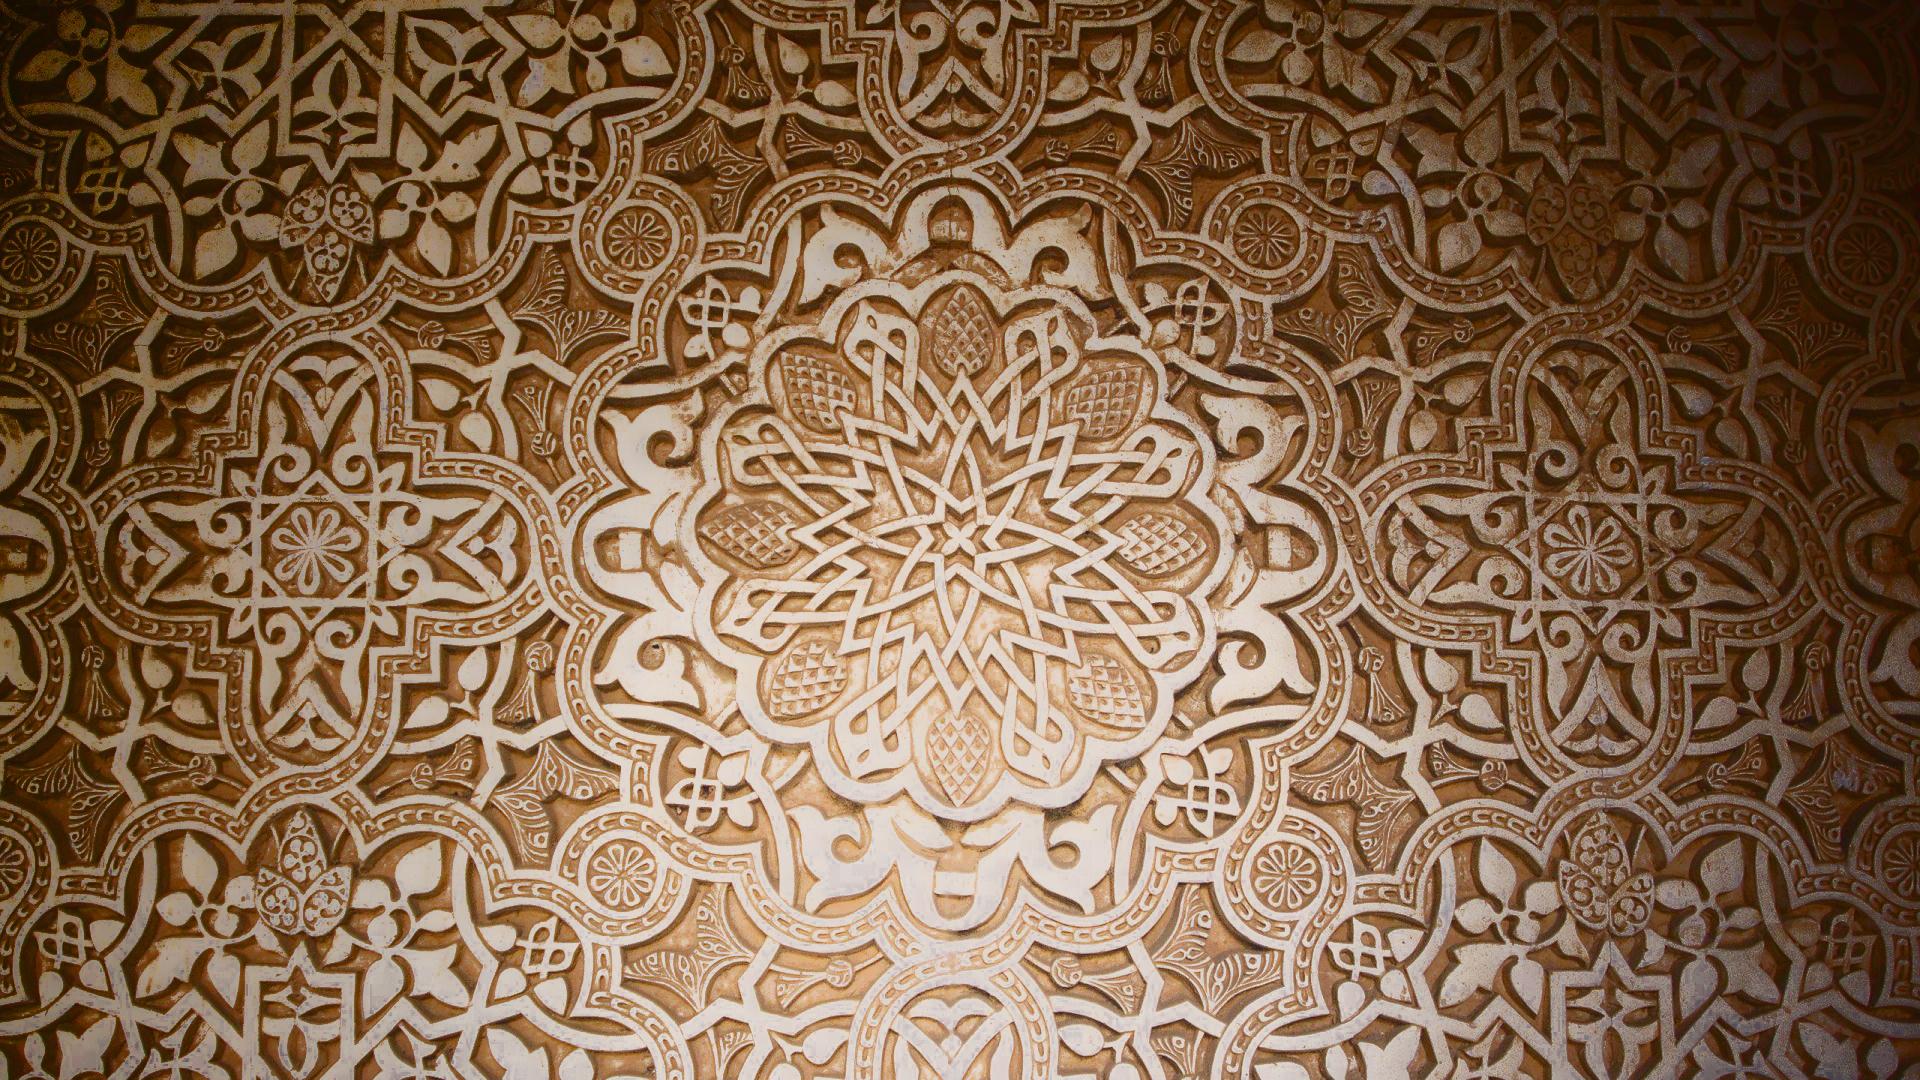 Solid Black Wallpaper Dark Pattern Stars Design Mosaic Arabian Islamic 1920 X